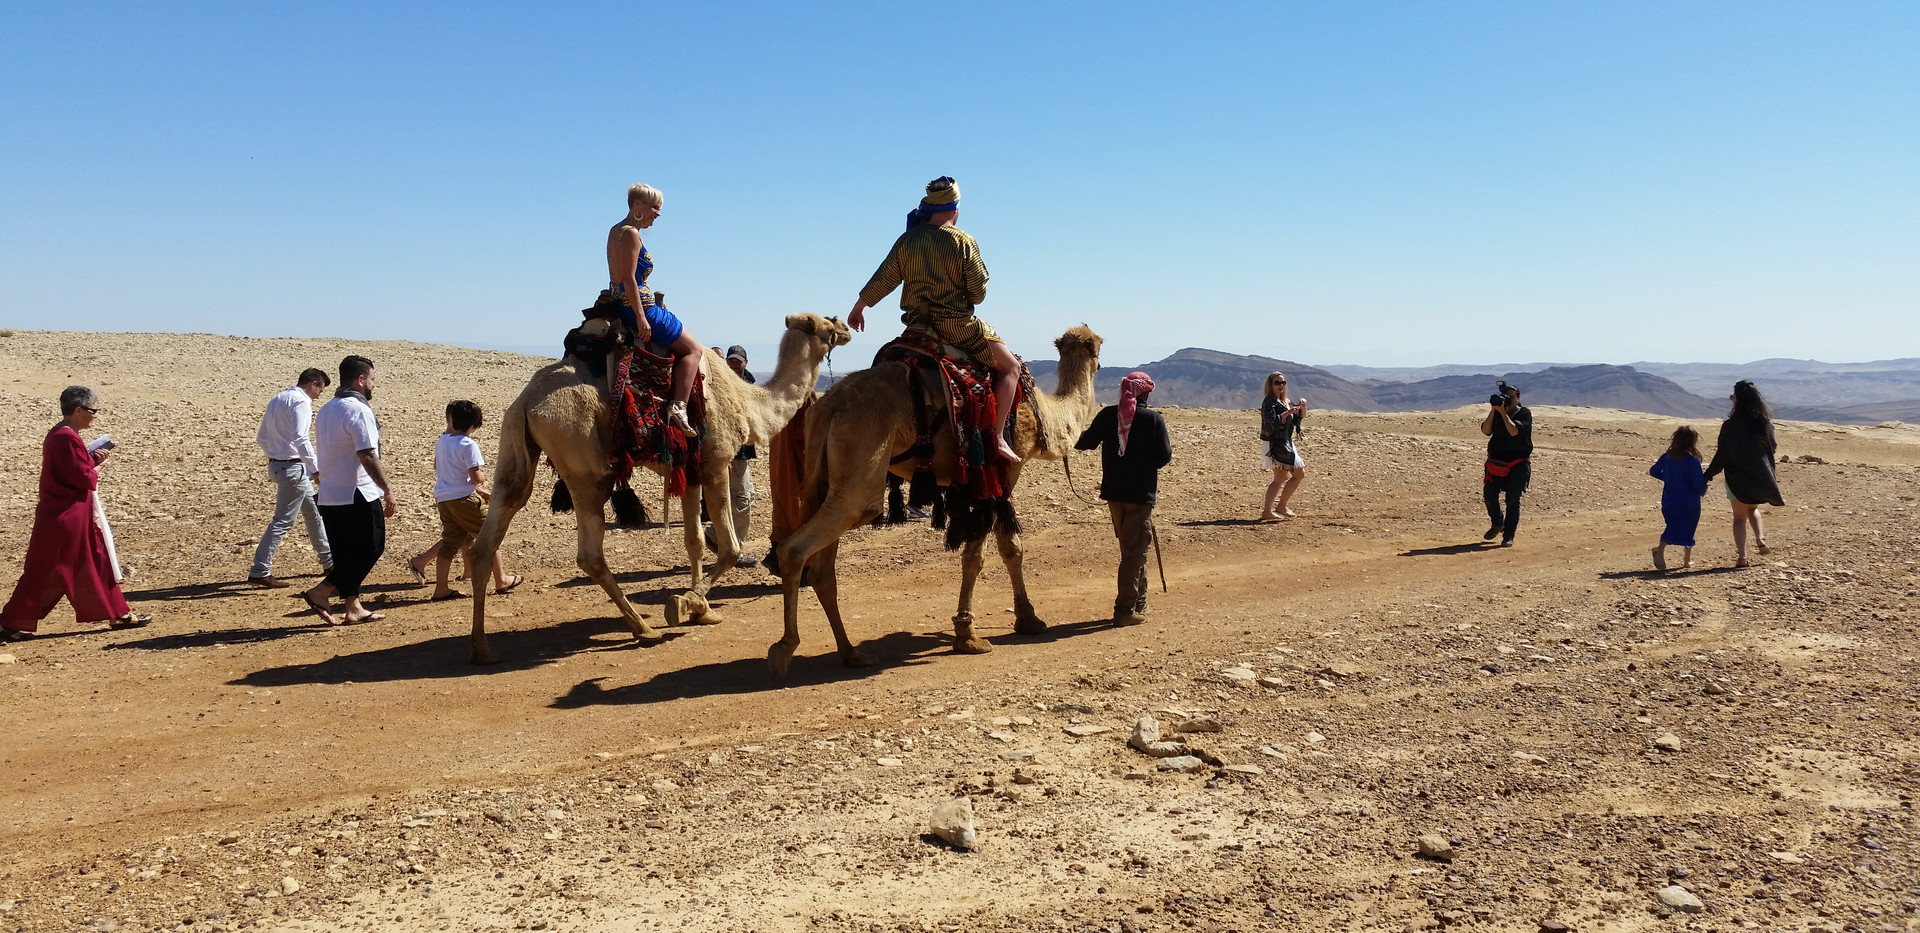 Getting married on a camel - Desert wedding in Mitzpe Ramon Israel.jpg